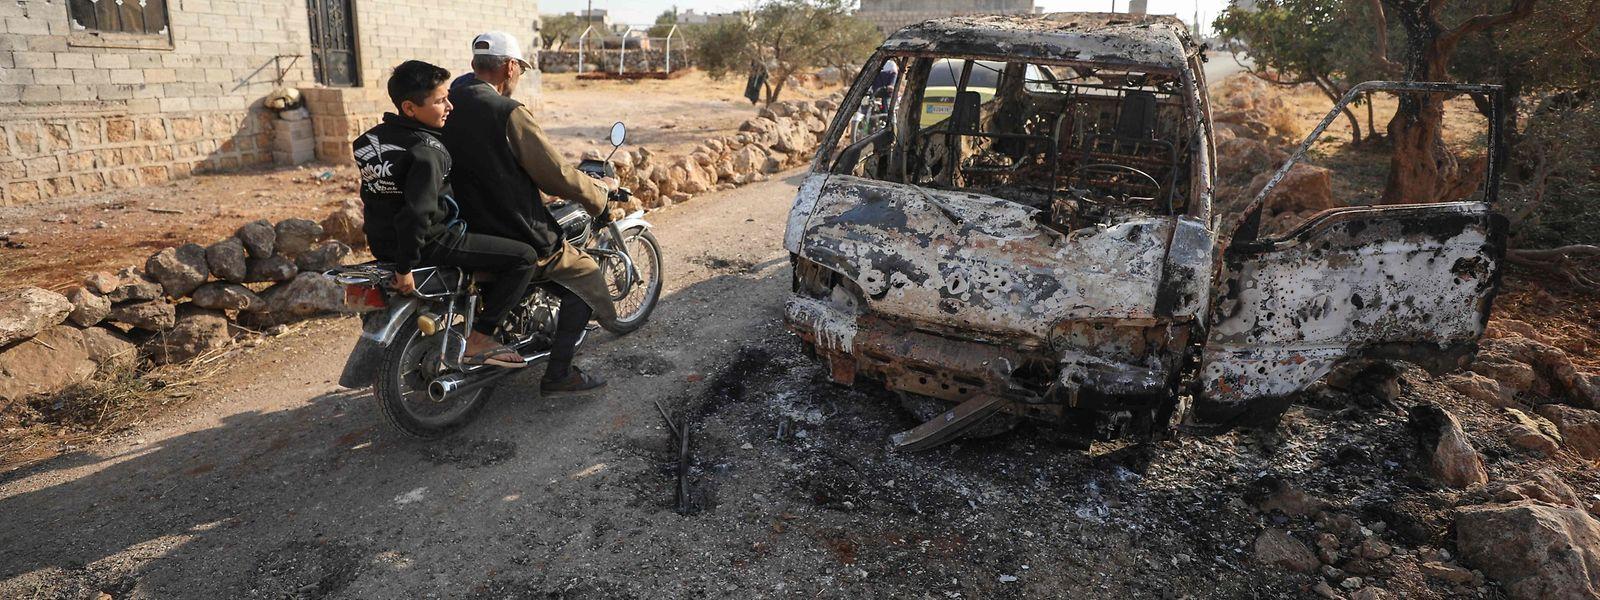 US-Spezialeinheiten führten am Wochenende eine Operation in Barischa im Nordwesten Syriens durch. IS-Chef Al-Bagdadi soll bei diesem Zugriff ums Leben gekommen sein.